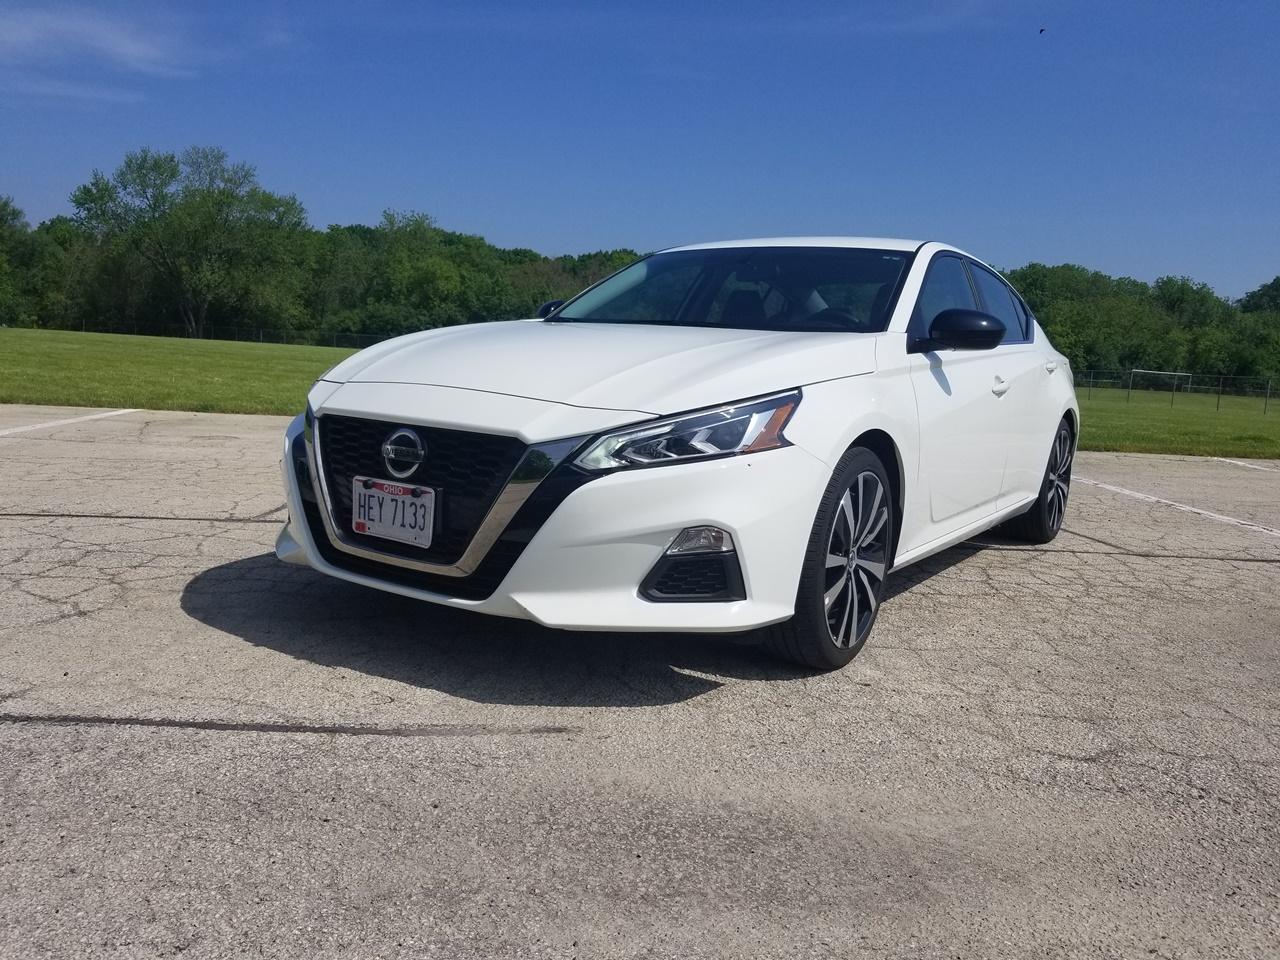 Nissan Altima SR – Ubica iz senke